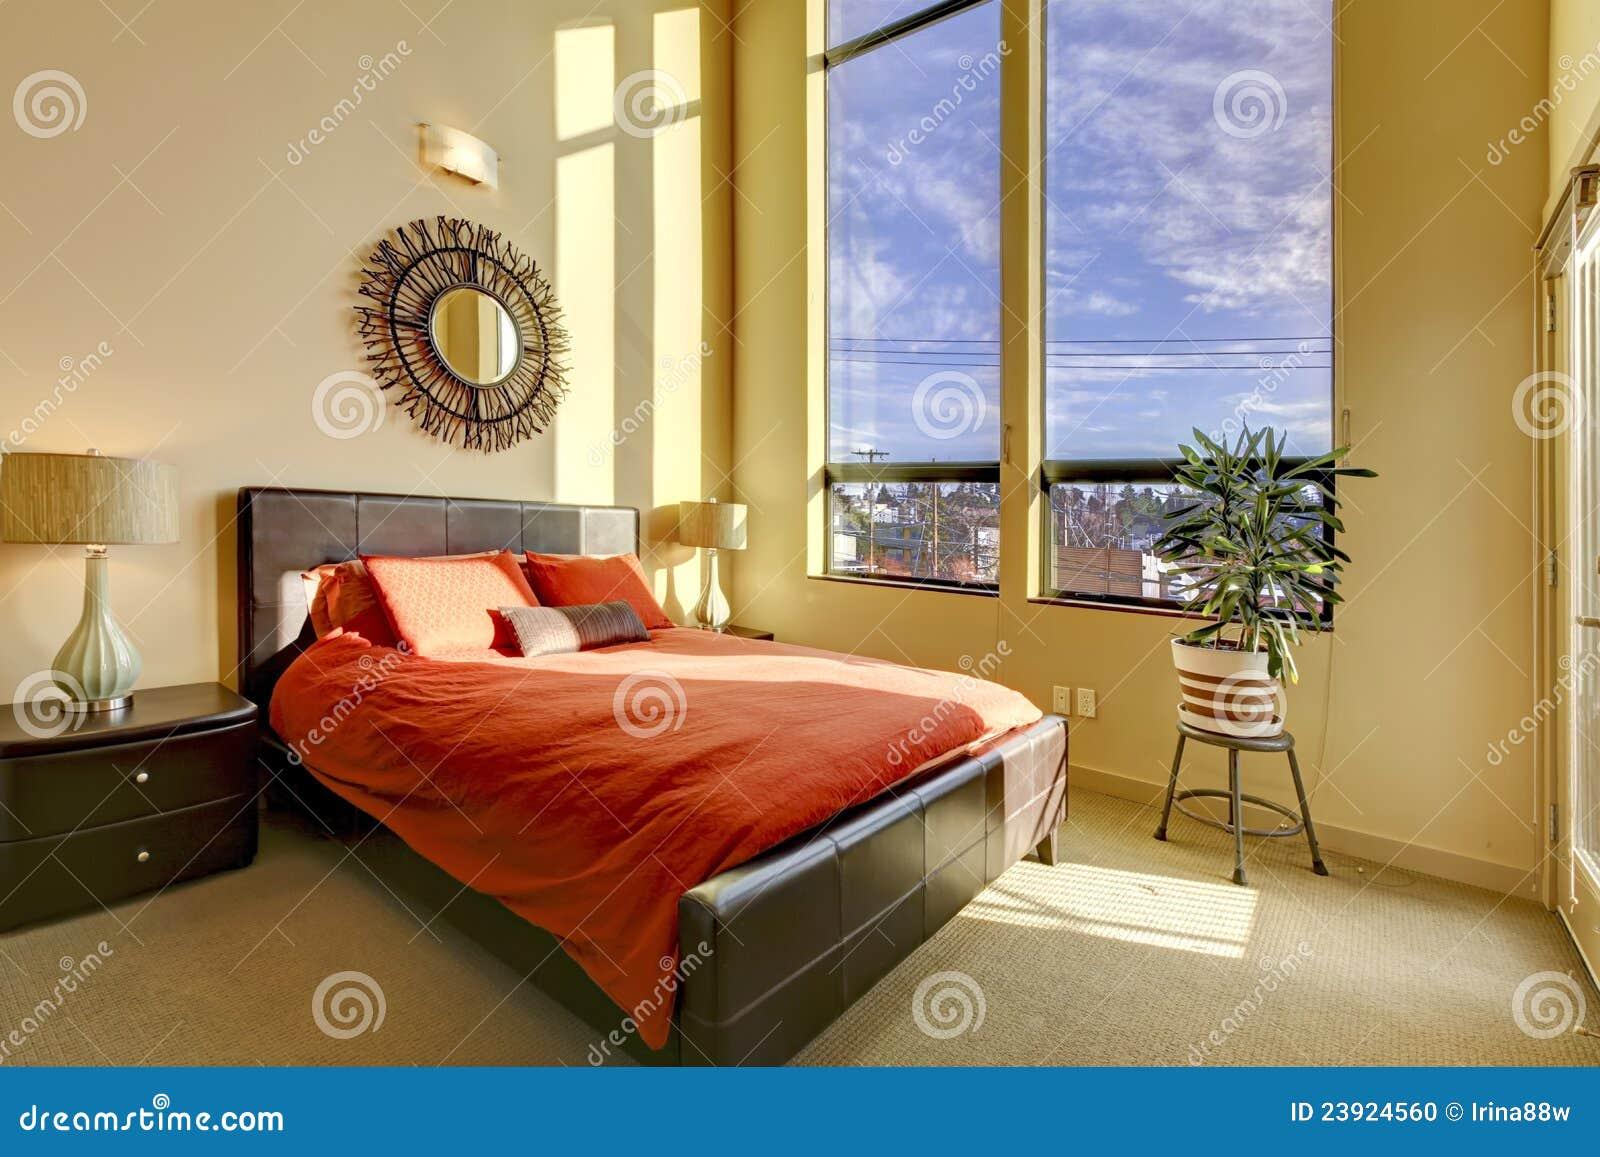 Camere Da Letto Rosse E Bianche : Grande camera da letto del soffitto alto con la base rossa